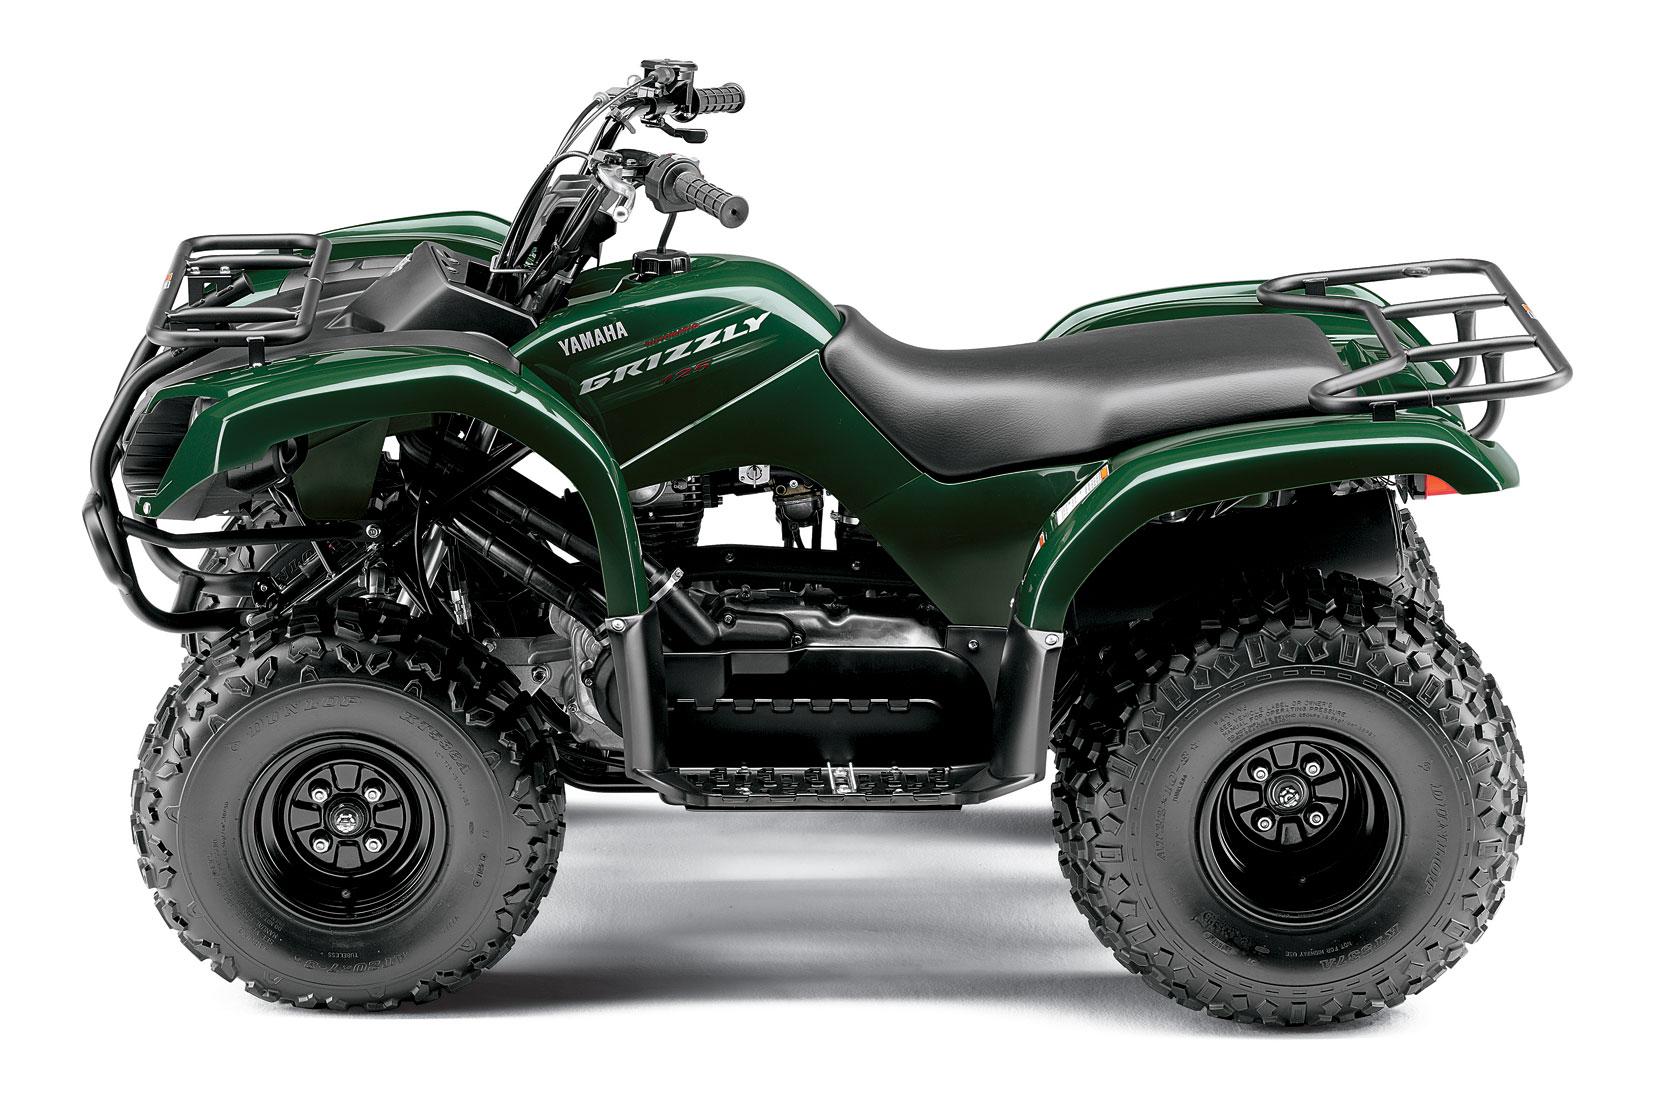 2013 Yamaha Grizzly Atv 300